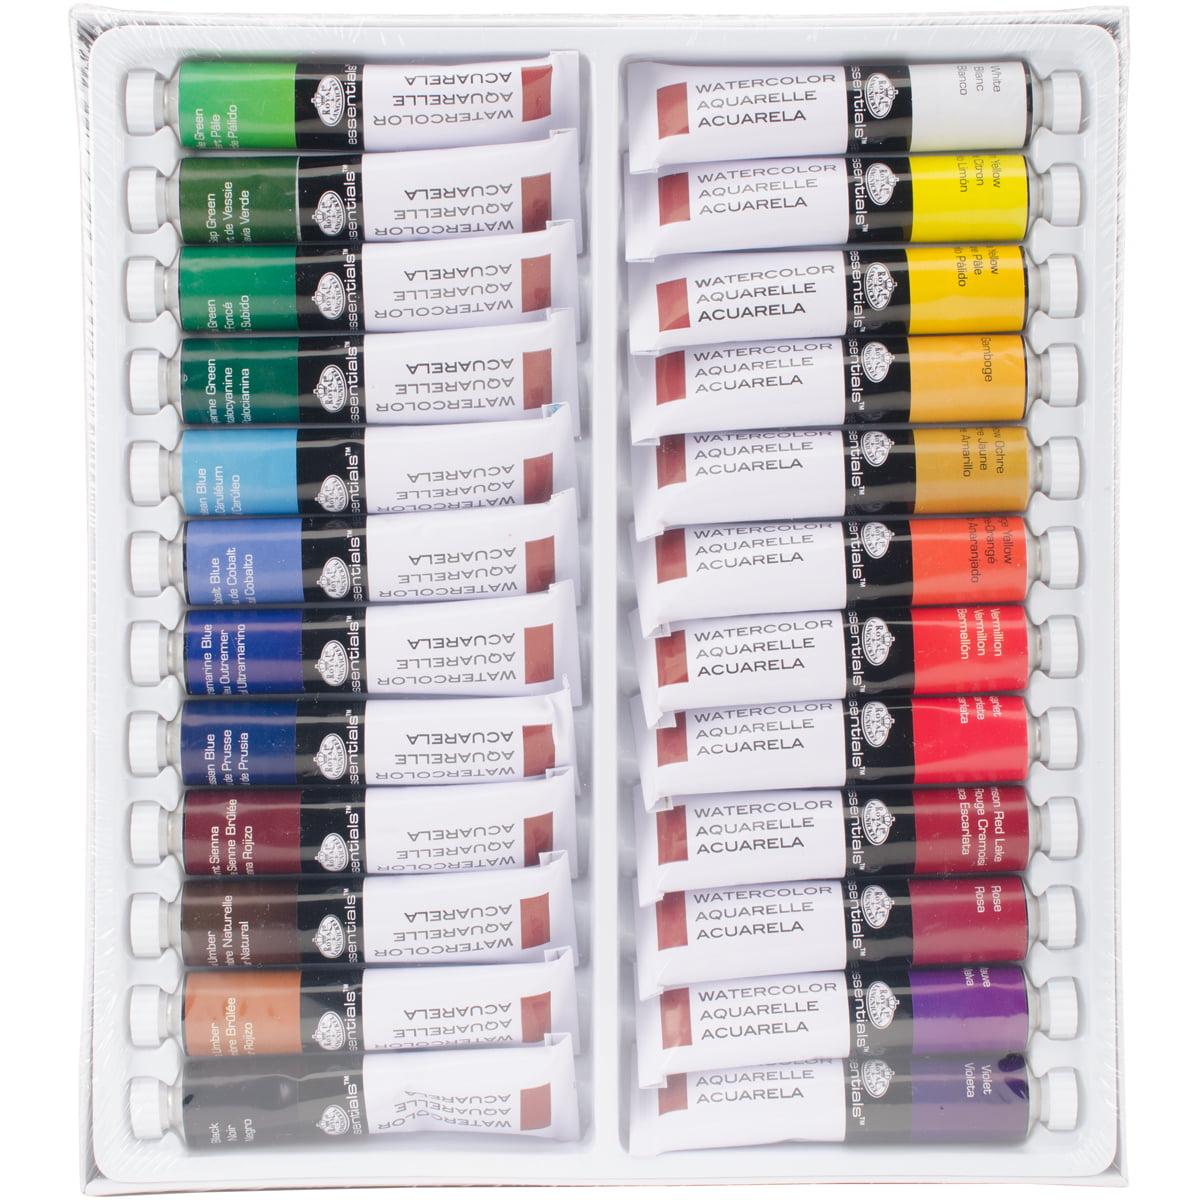 Watercolor Paints 21ml 24/Pkg-Assorted Colors